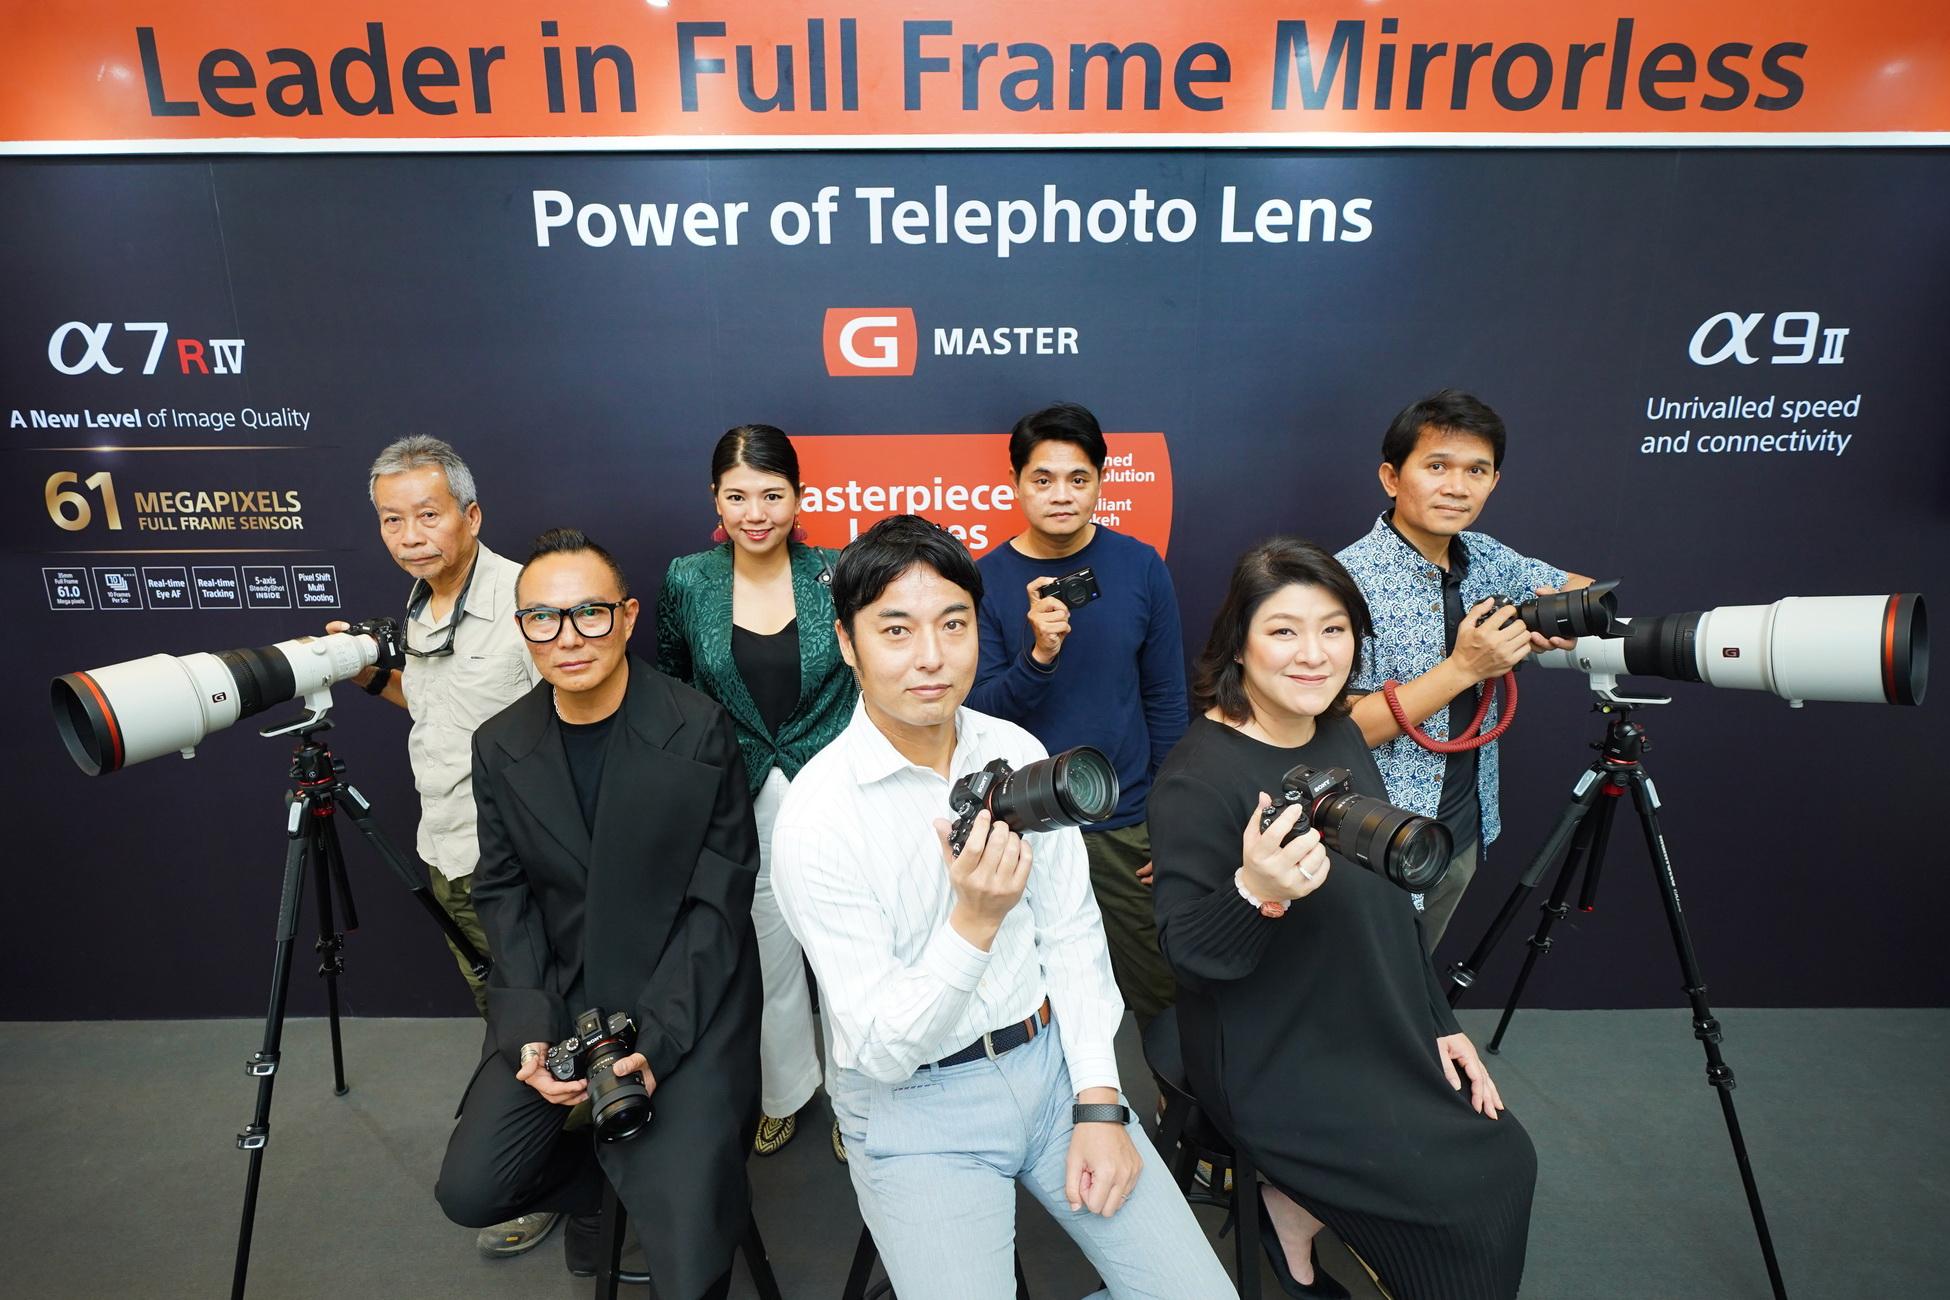 โซนี่ไทย ยกขบวนกล้องเลนส์รุ่นล่าสุดโชว์ศักยภาพเต็มพิกัด พร้อมโปรโมชั่นสุดคุ้มส่งท้ายปี ในงานมหกรรม Photo Fair 2019